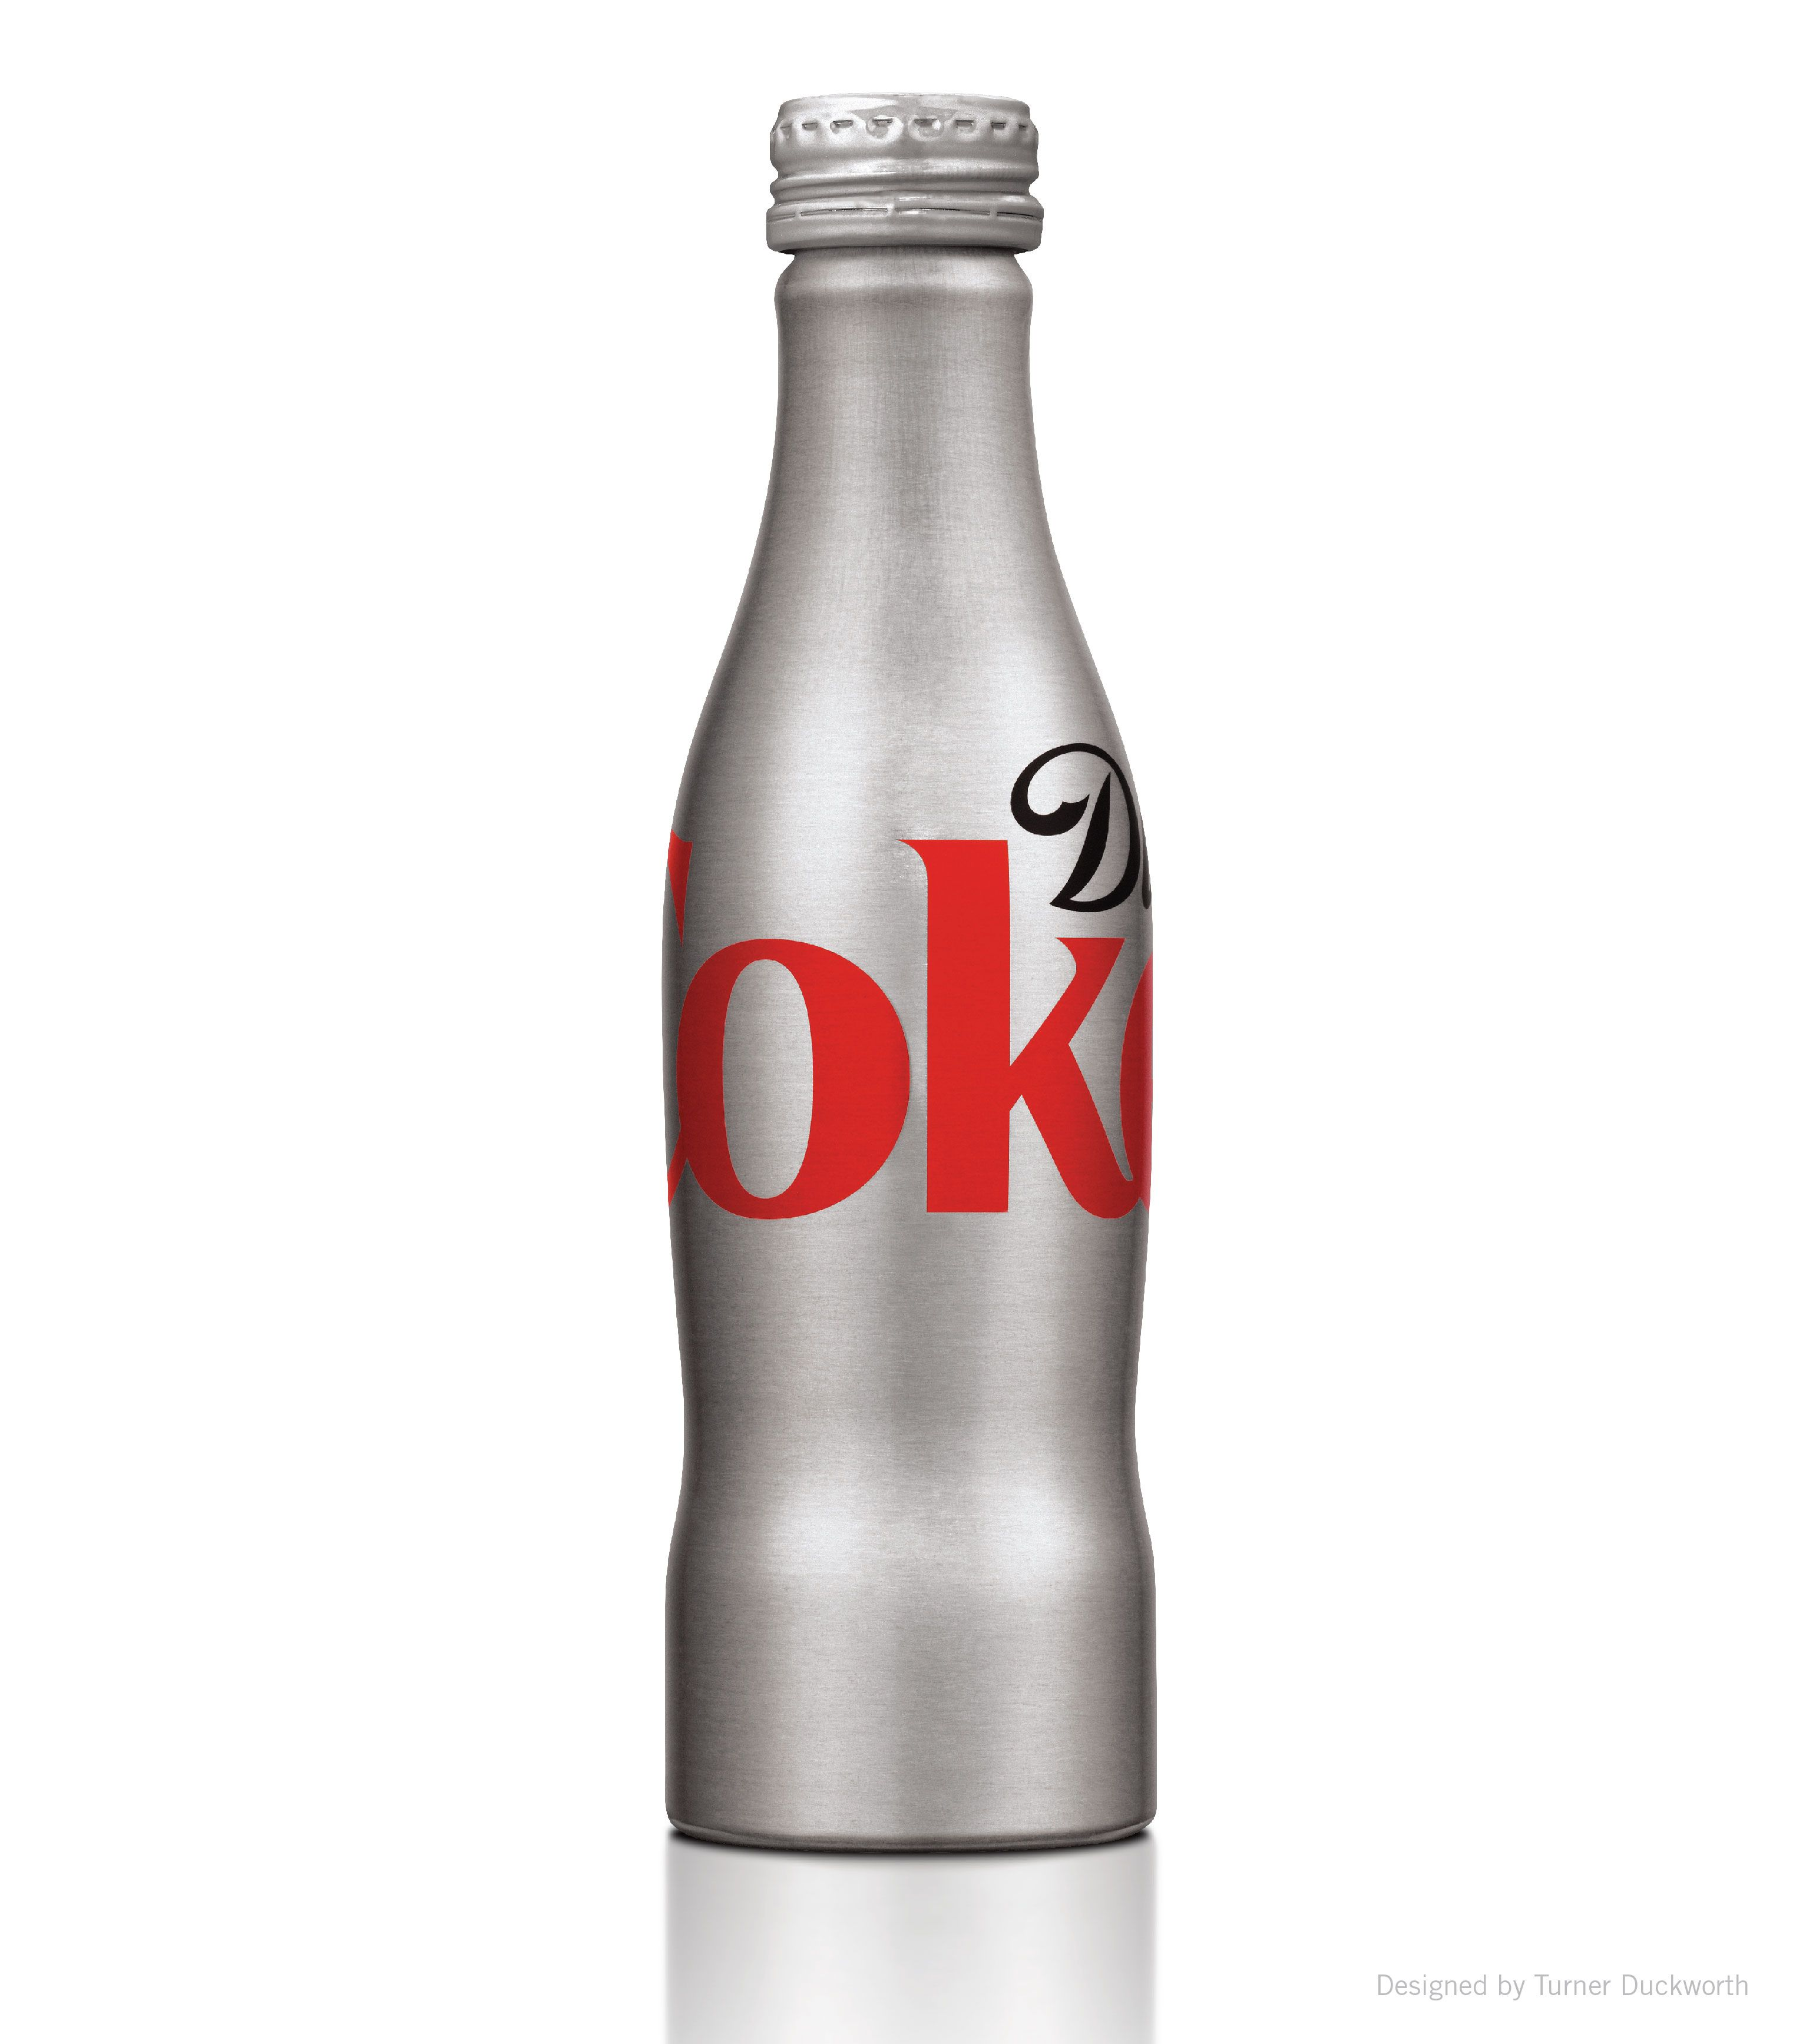 Diet Coke aluminum bottle. Designed by Turner Duckworth.